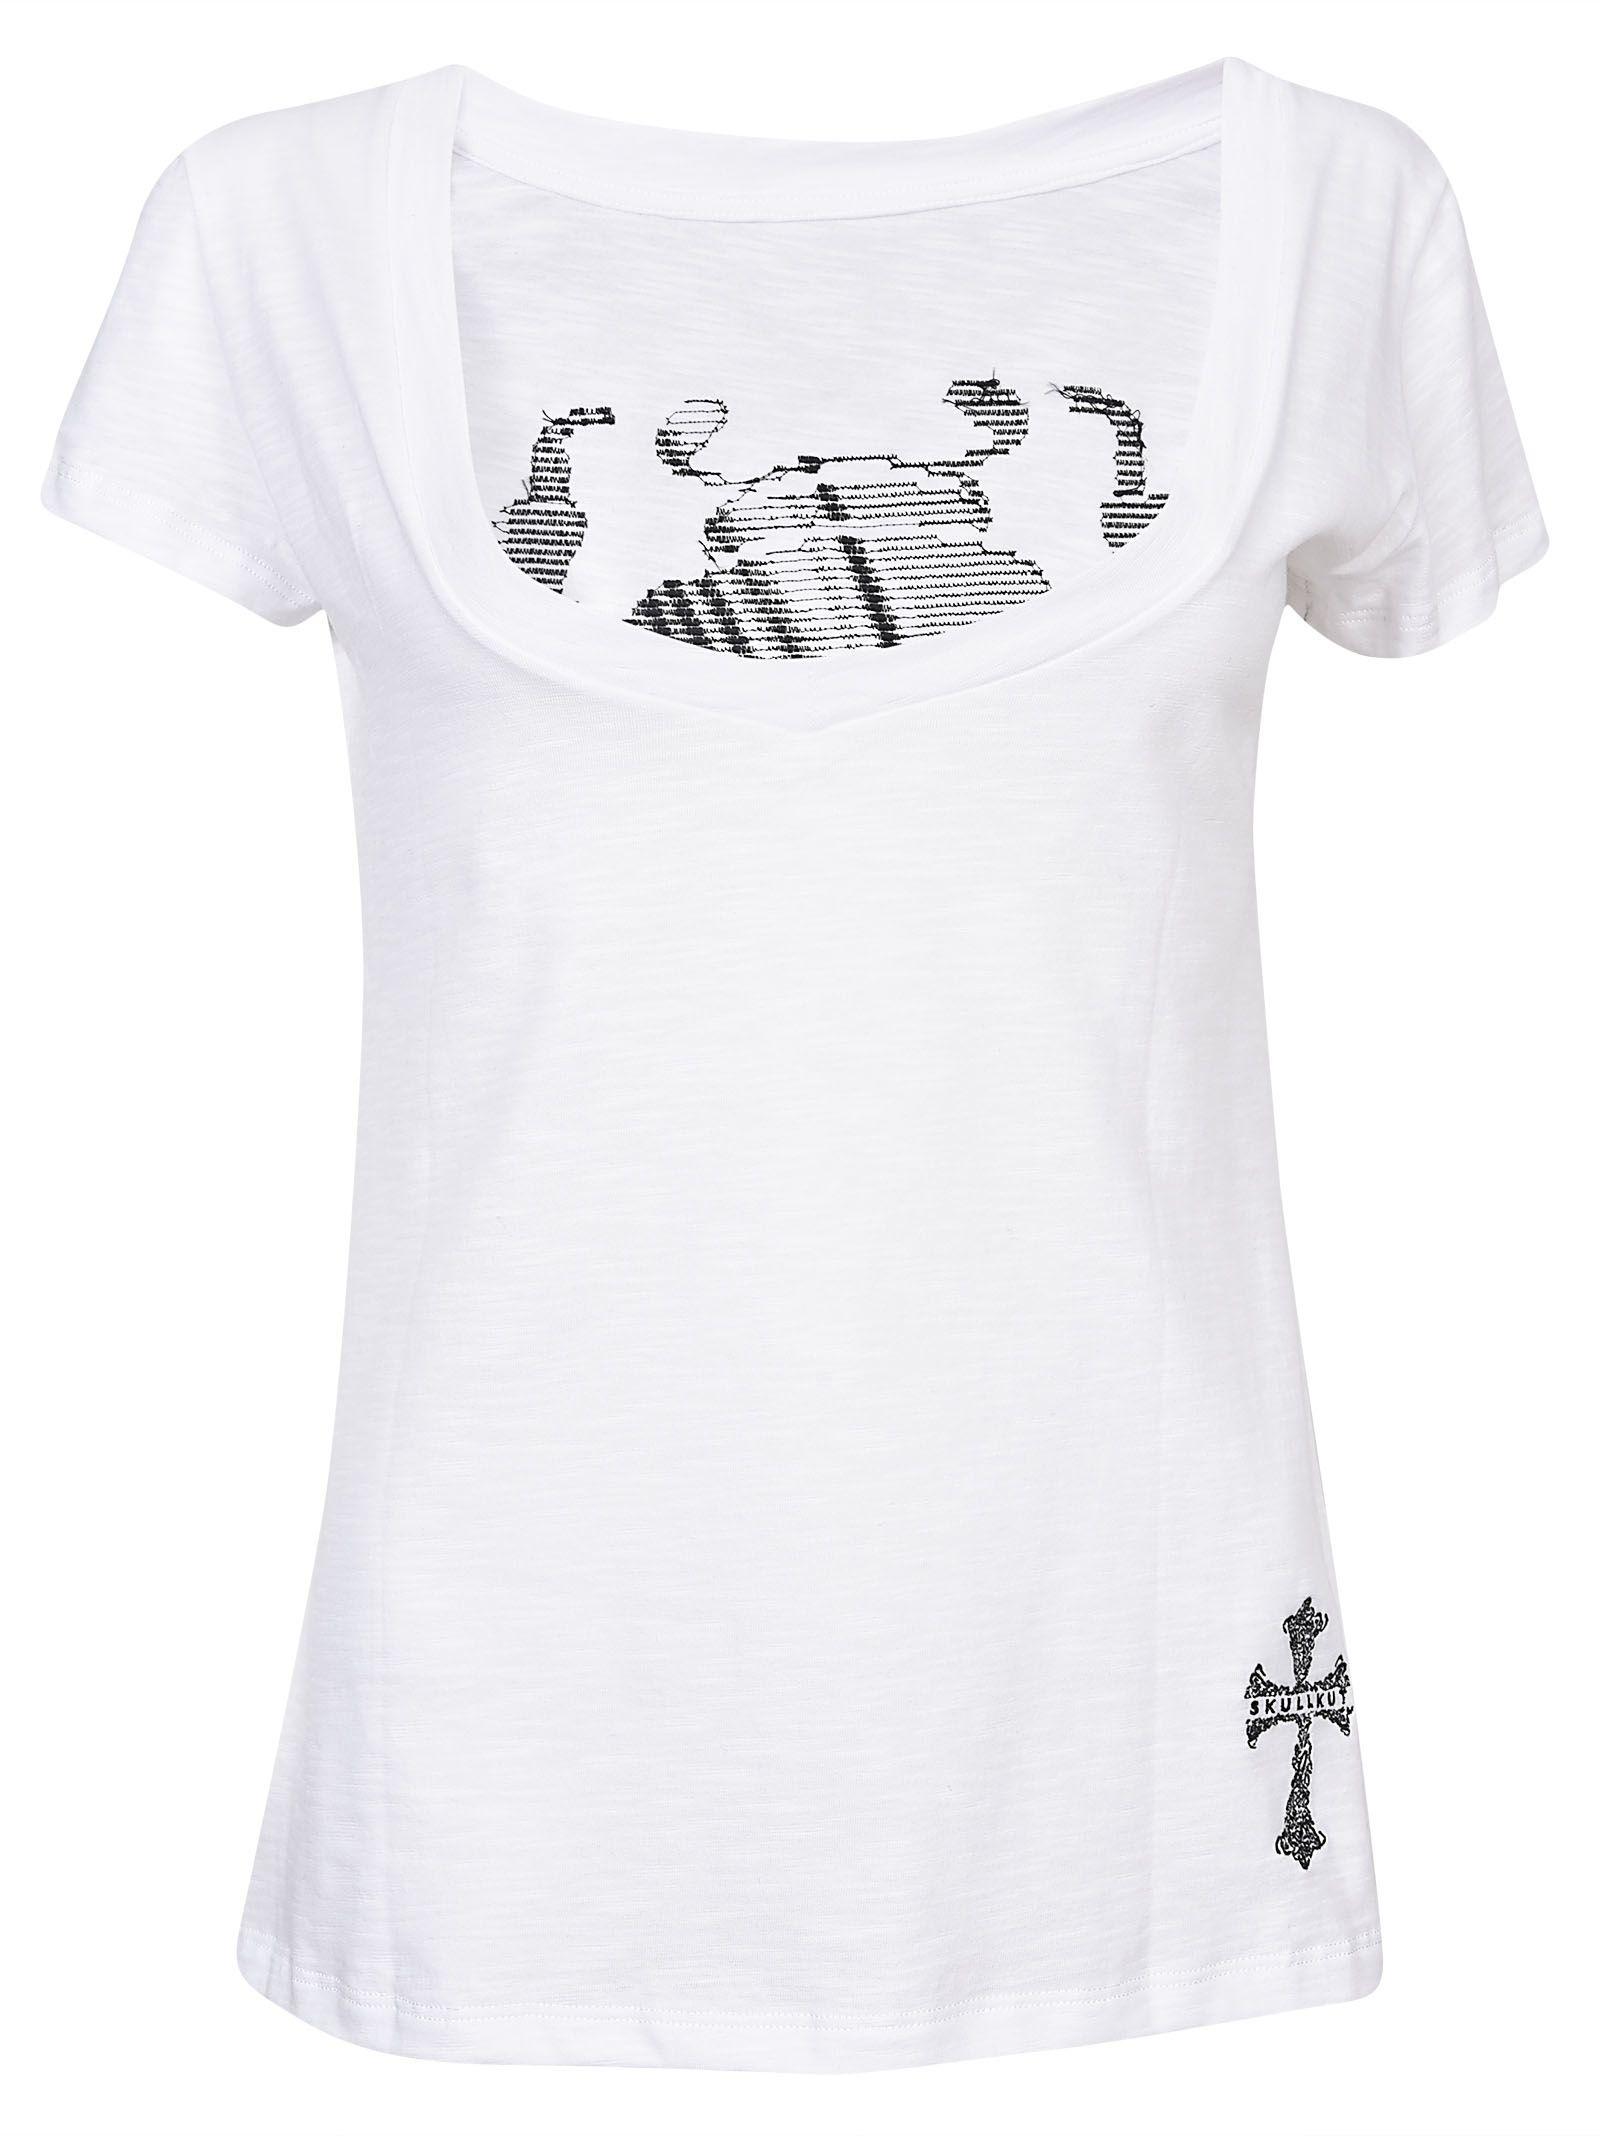 Skullkut t-shirt beetle vintage